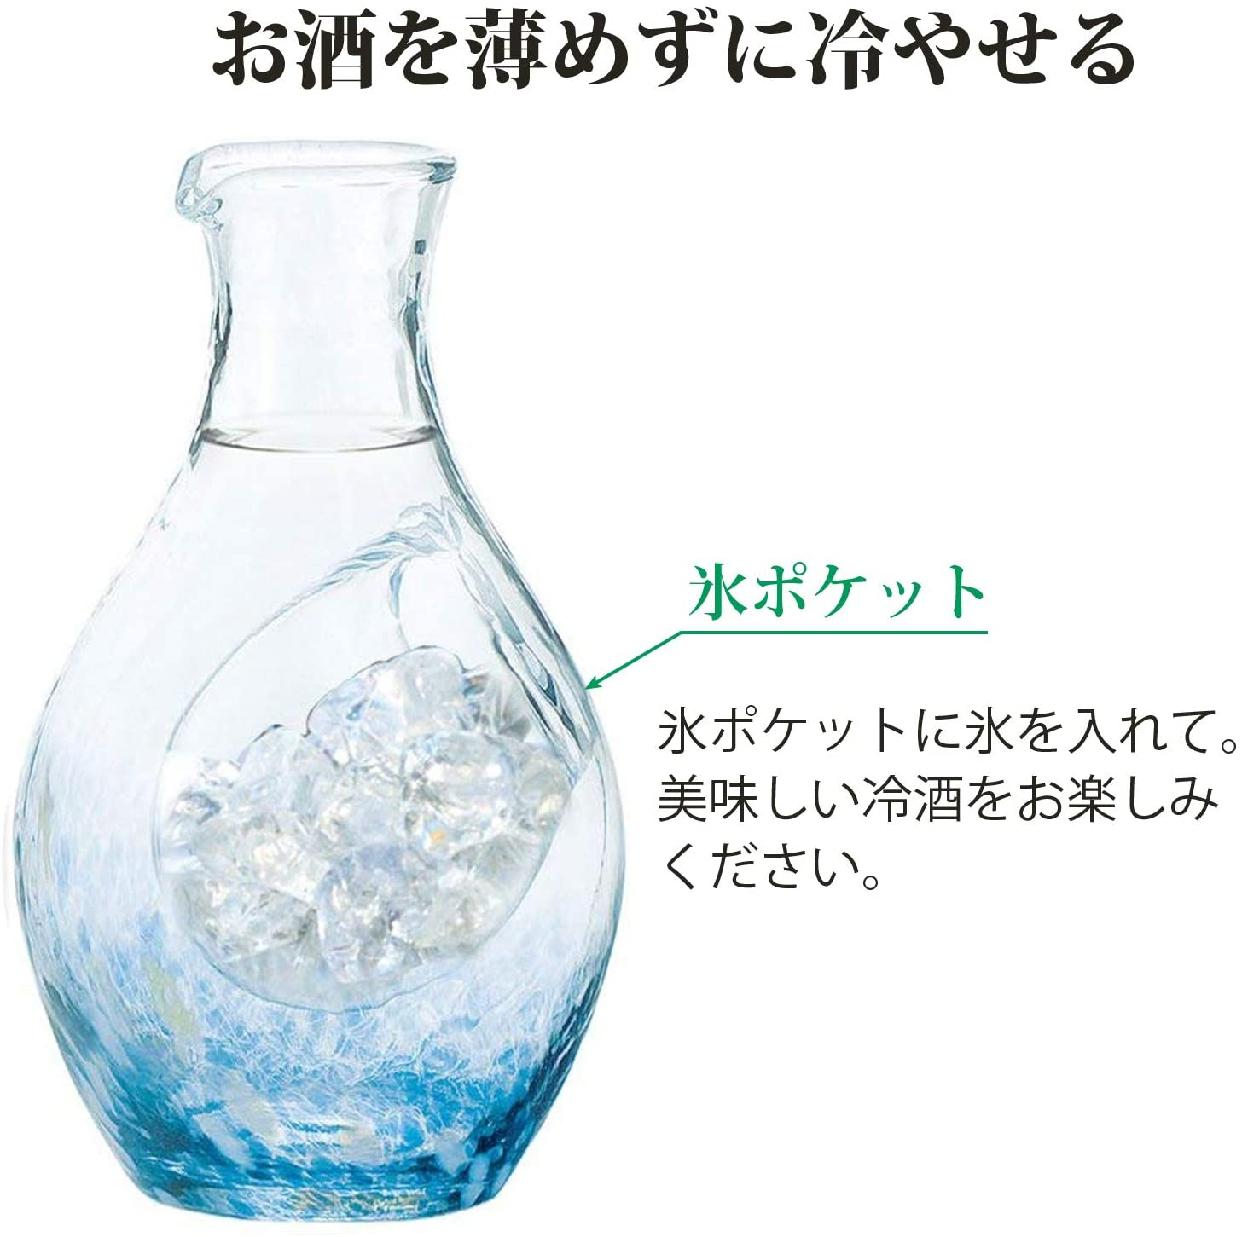 東洋佐々木ガラス(とうようささきがらす)日本酒グラス 冷酒セット G604-M70の商品画像4